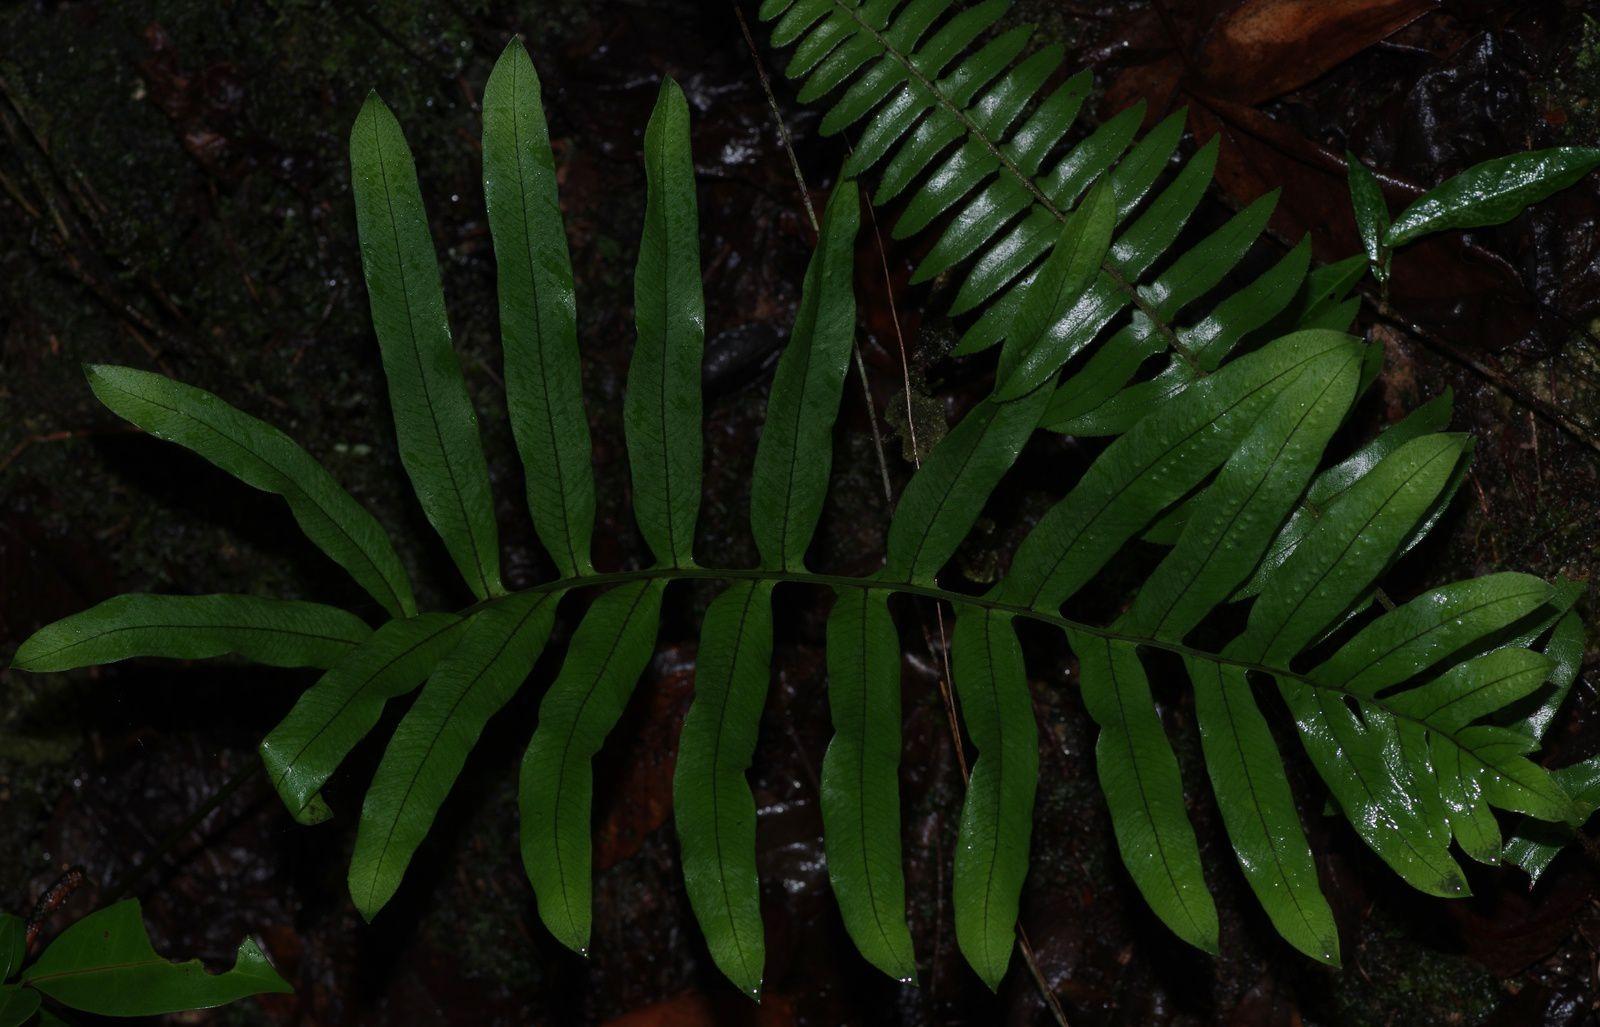 Serpocaulon attenuatum